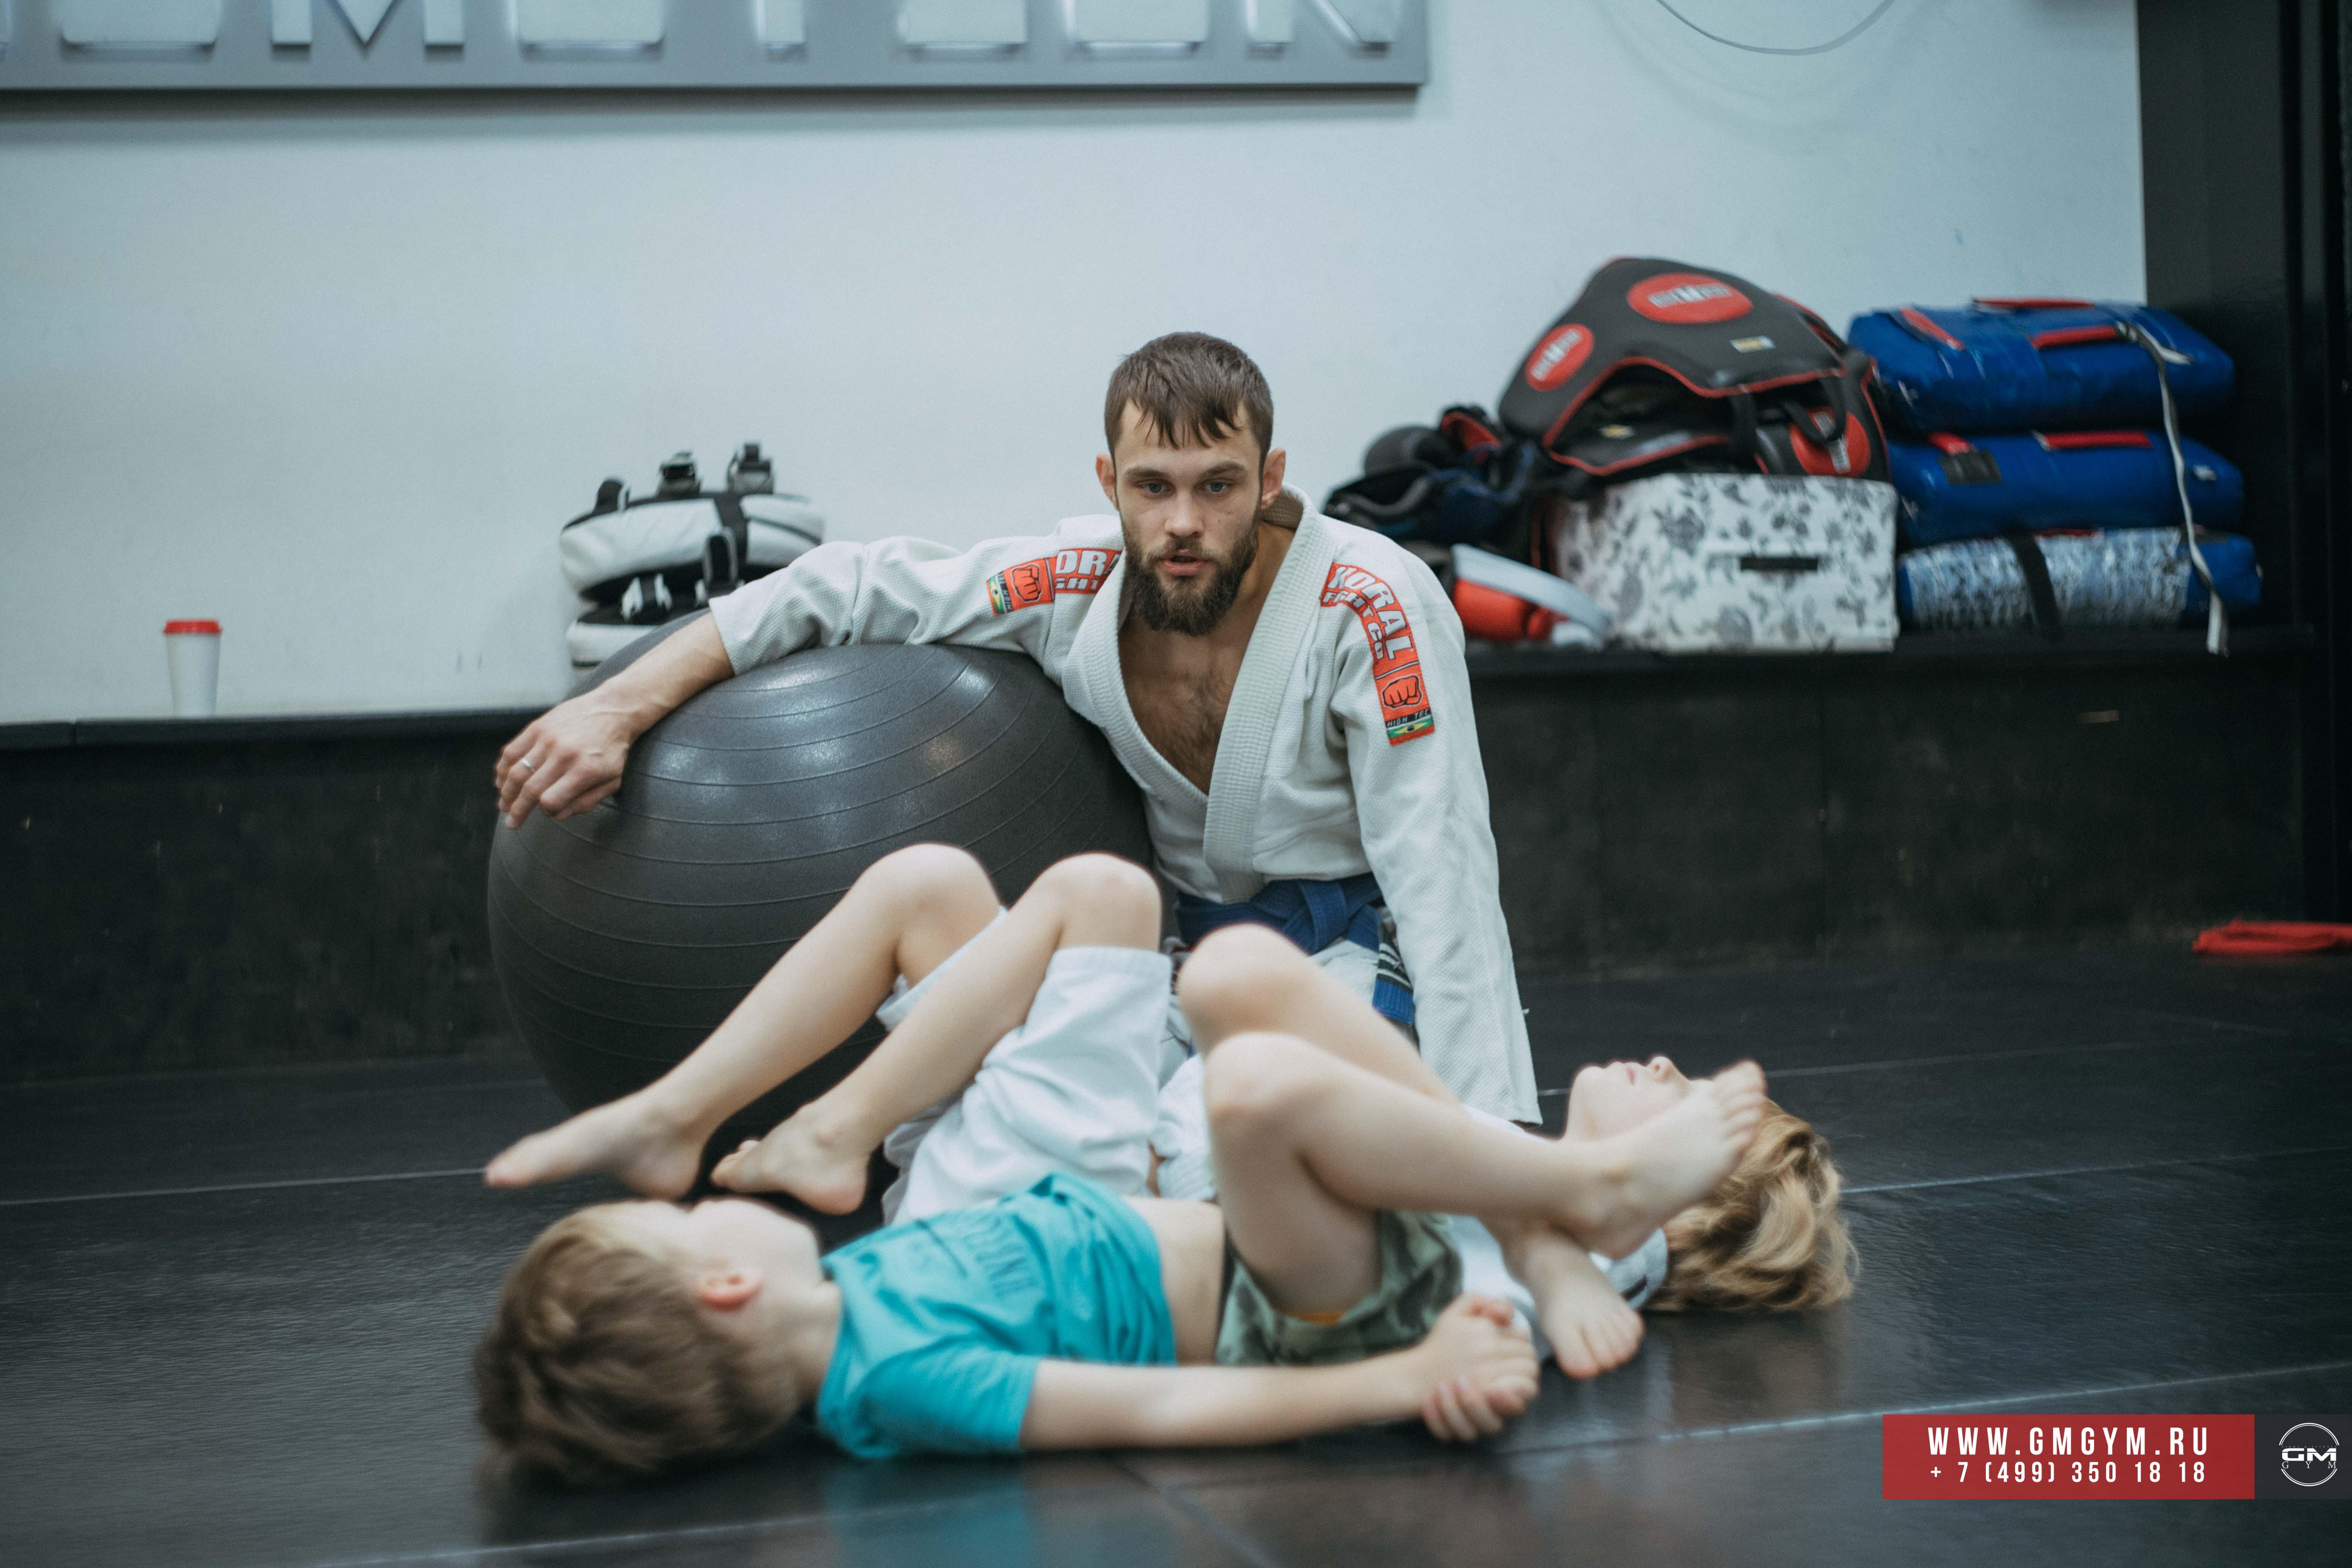 Андрей Жуков тренер по БЖЖ 3